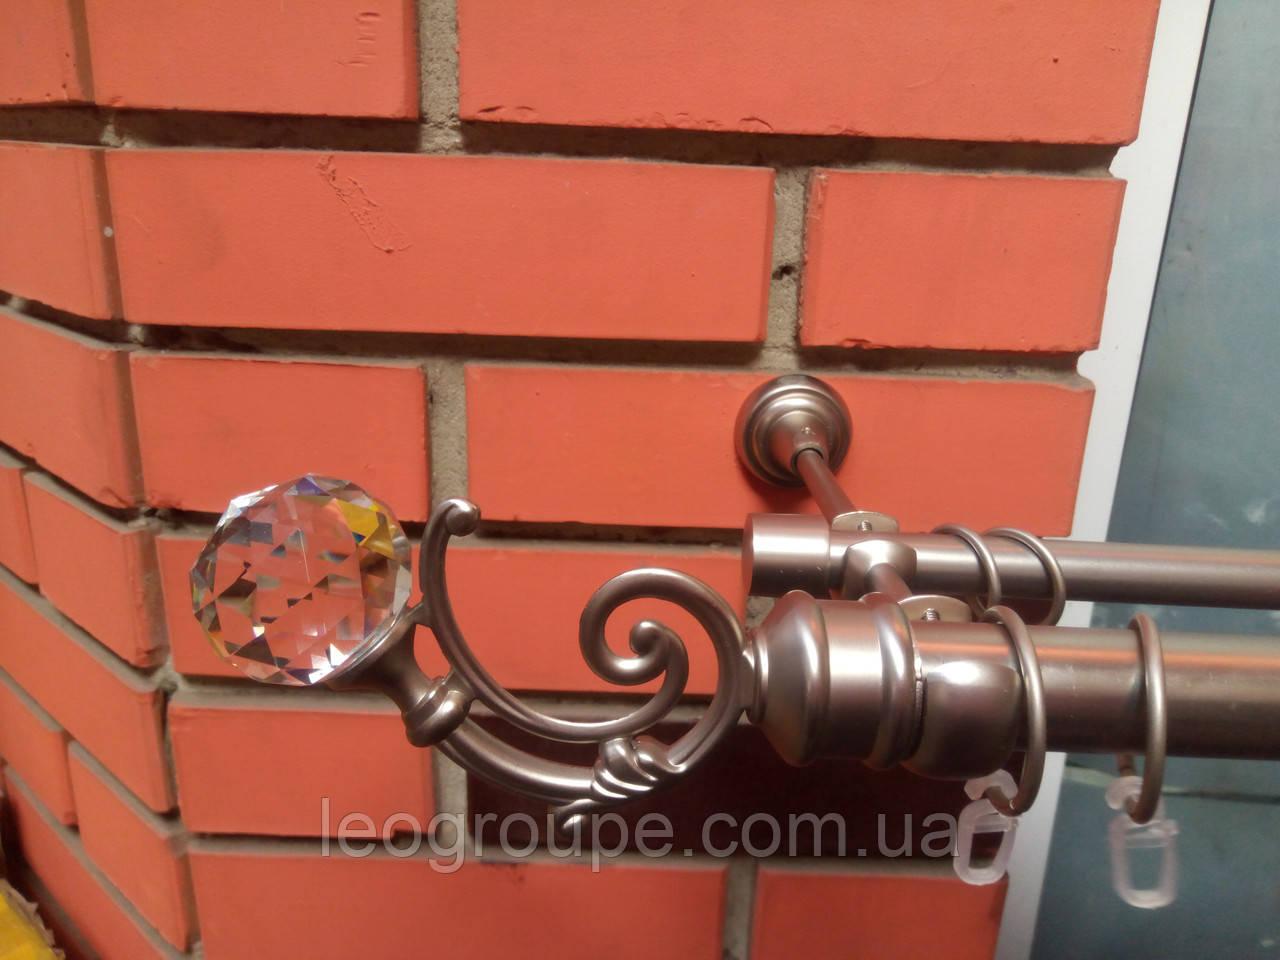 Карниз кованый двойной  25+16  Бордо с Кристаллом  сатин-1,6м